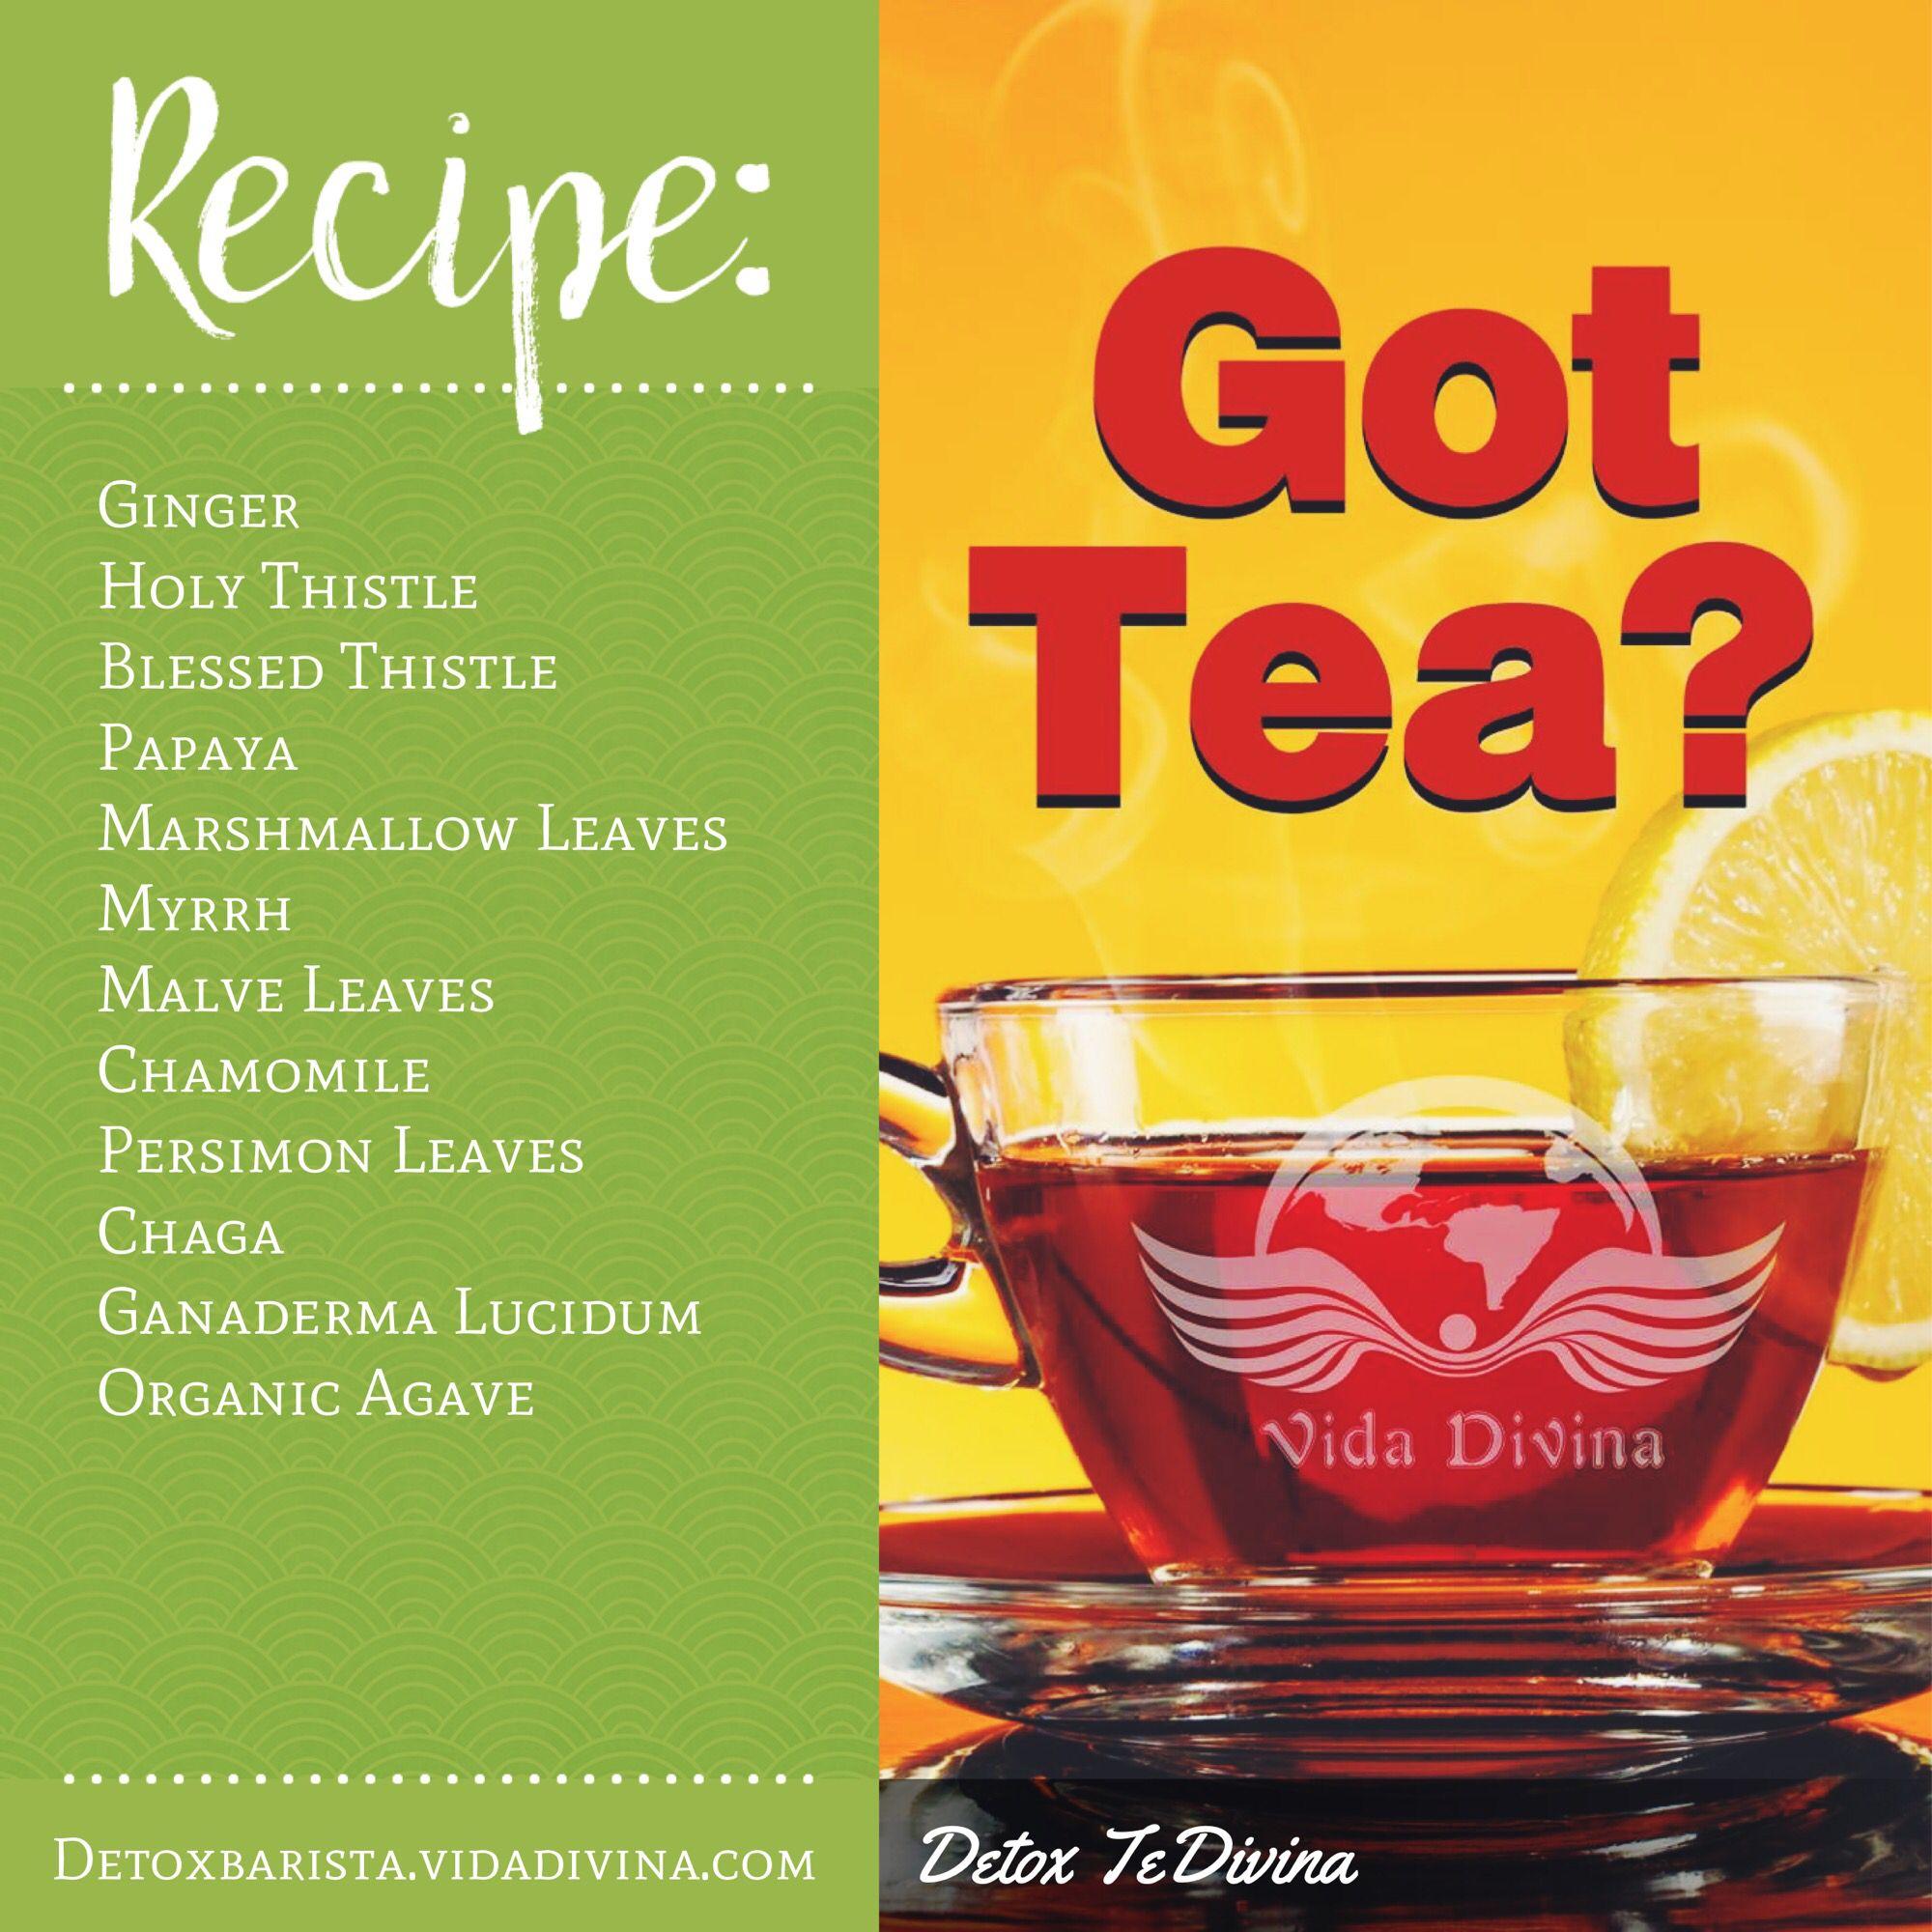 vida divina fogyókúrás tea